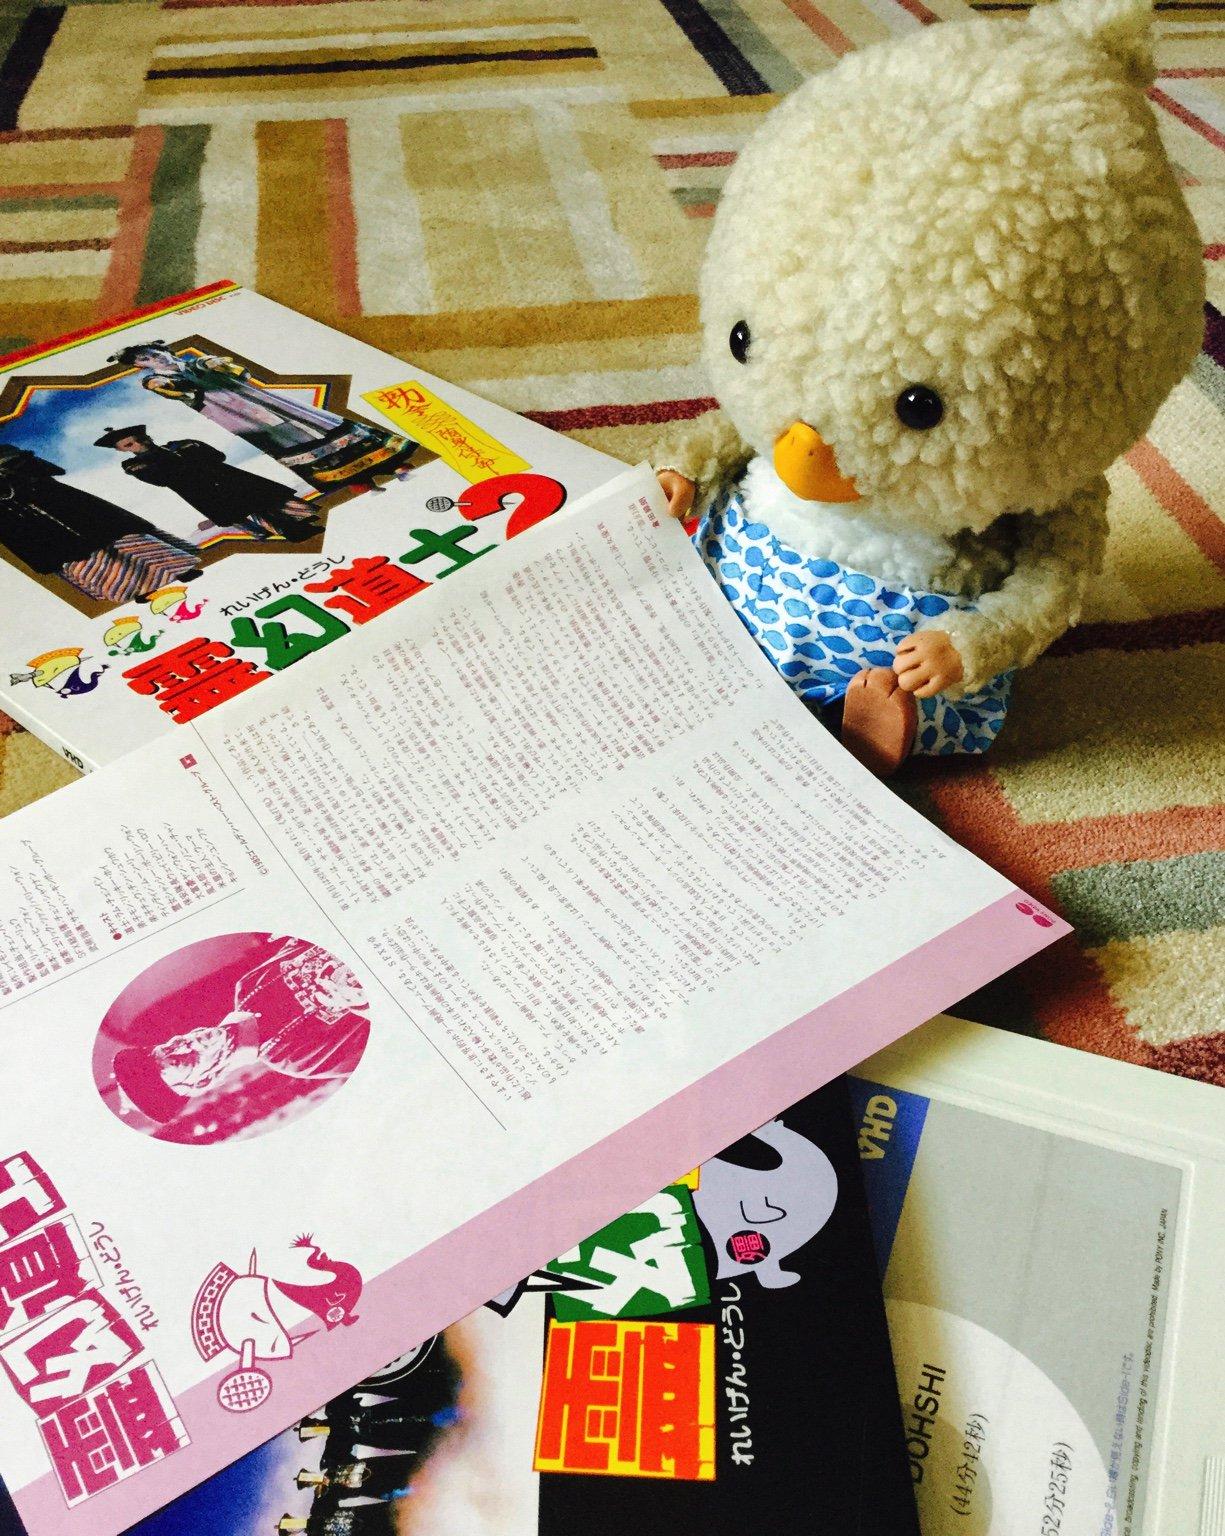 東京トガリくん,霊幻道士,キョンシーの映画の勉強,可愛い